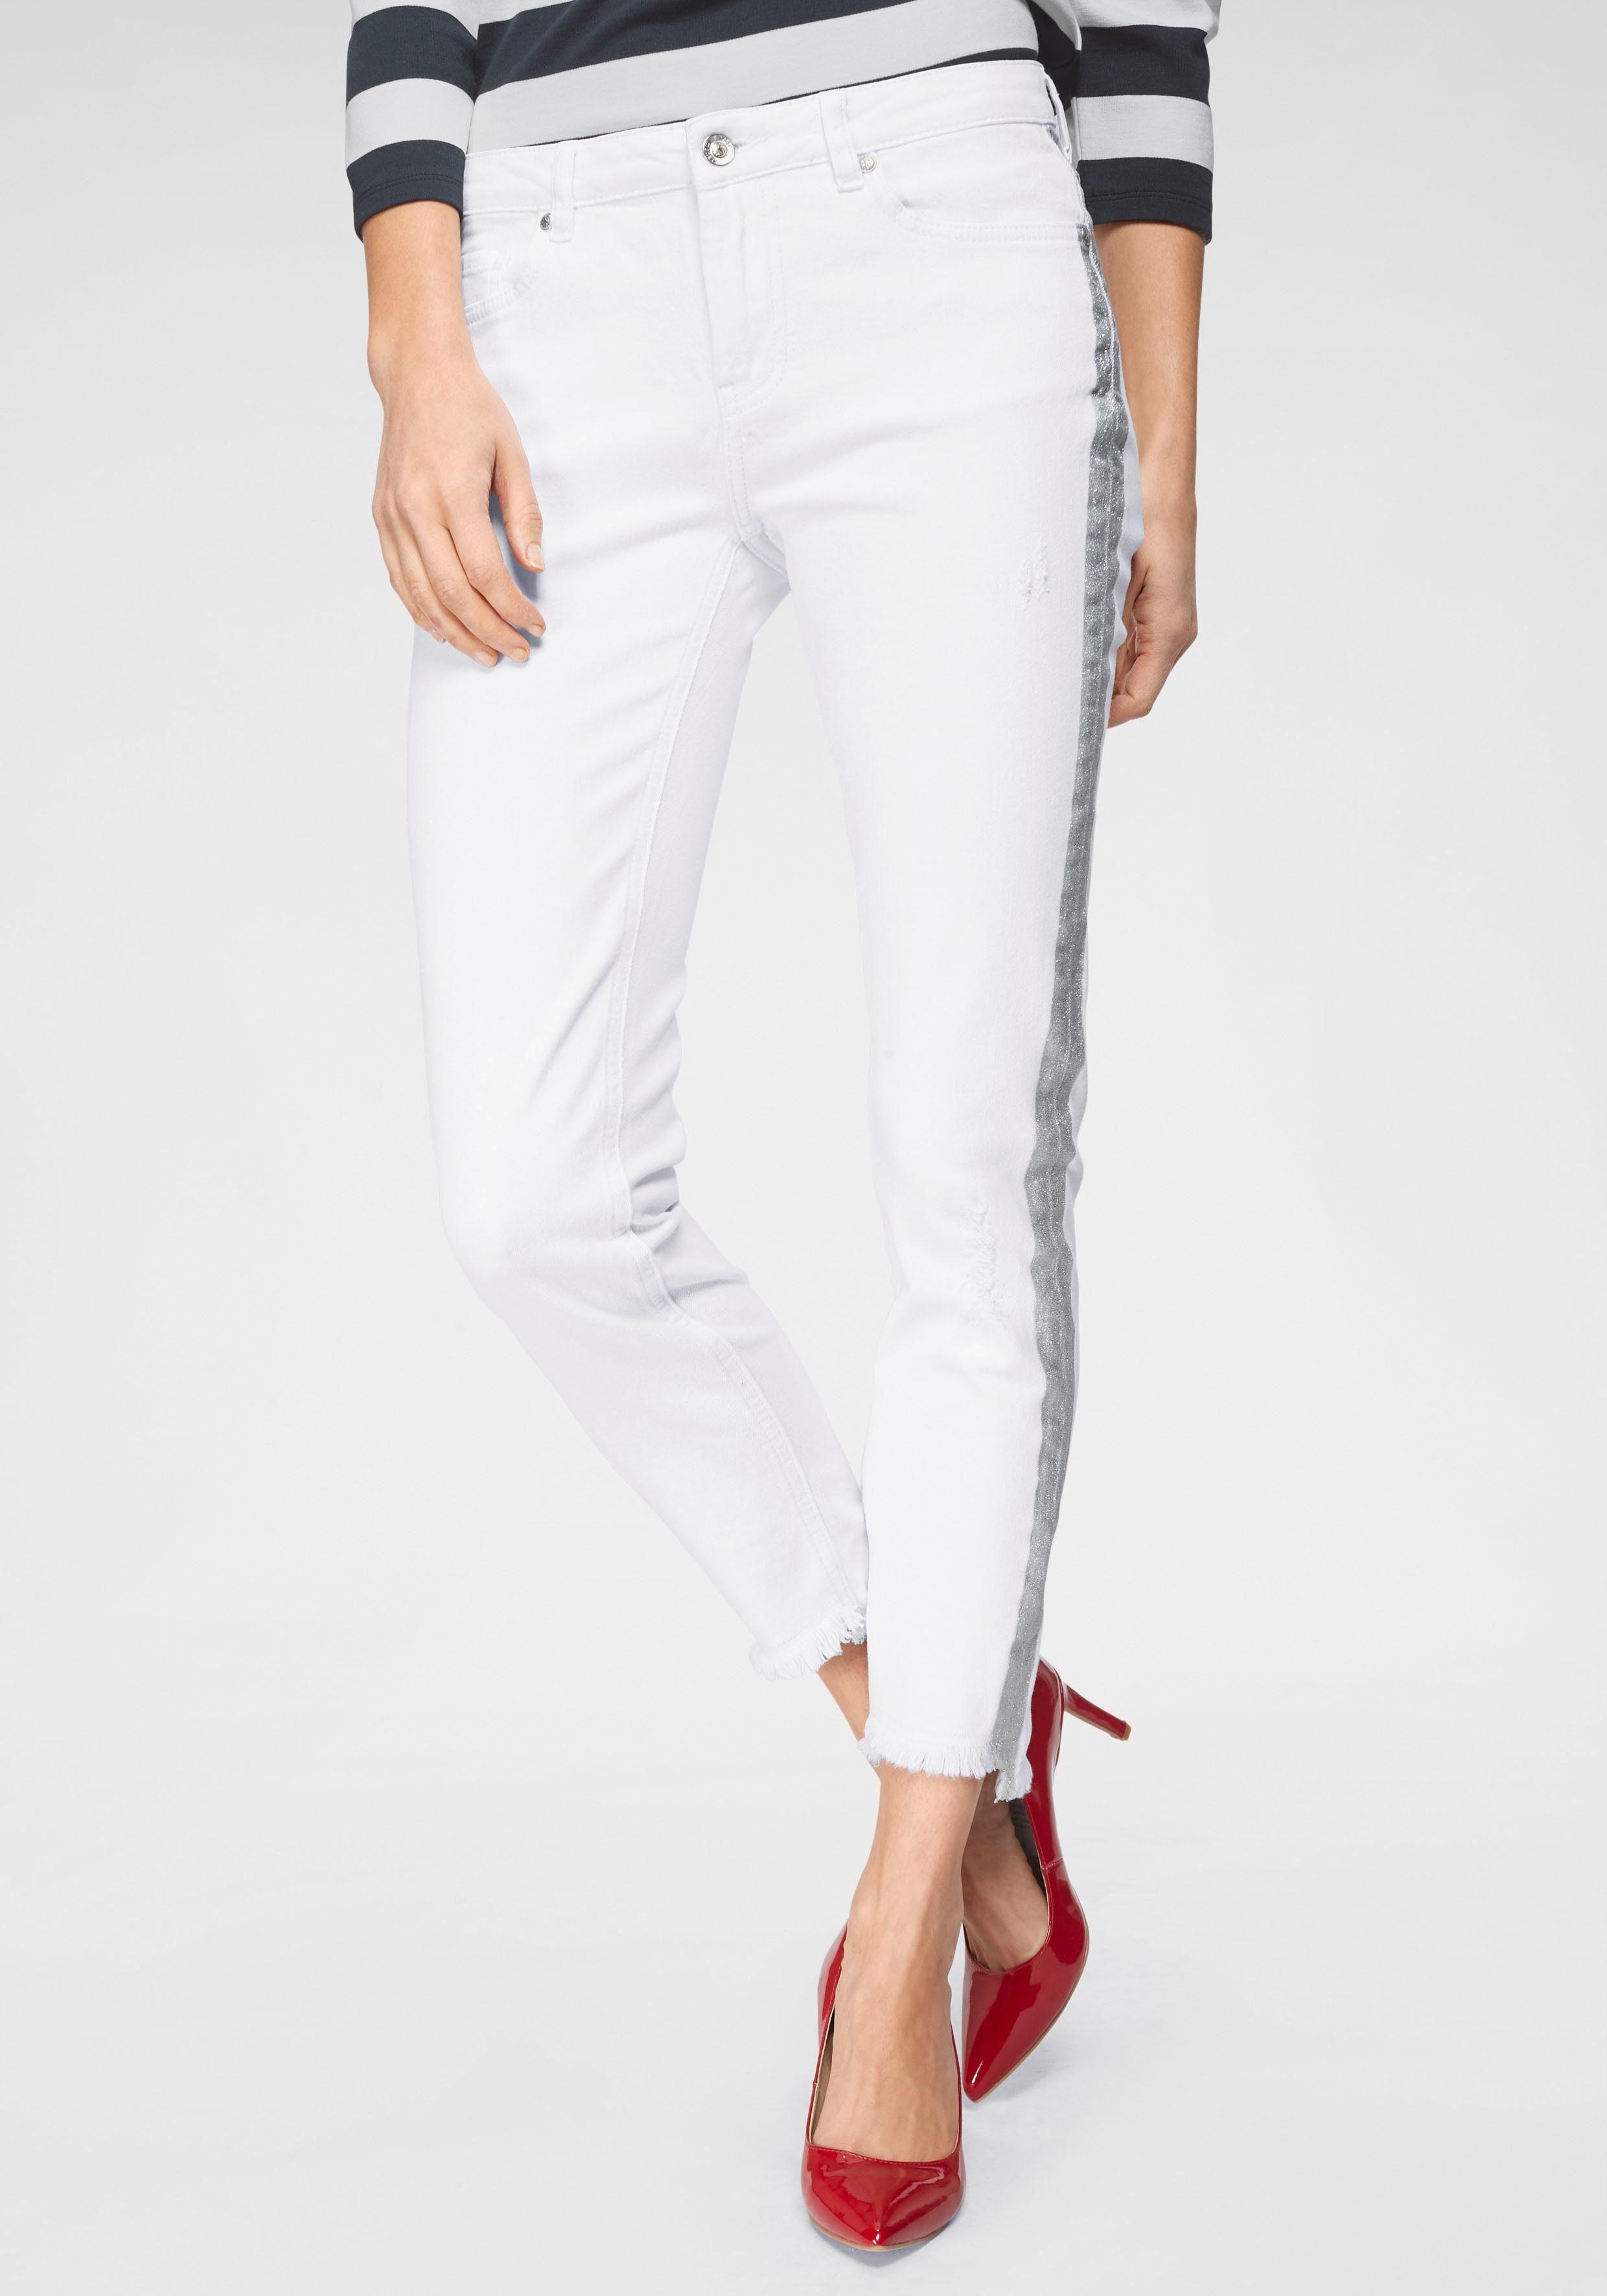 Monari 5-Pocket-Hose mit Glitzerstreifen an der Seite